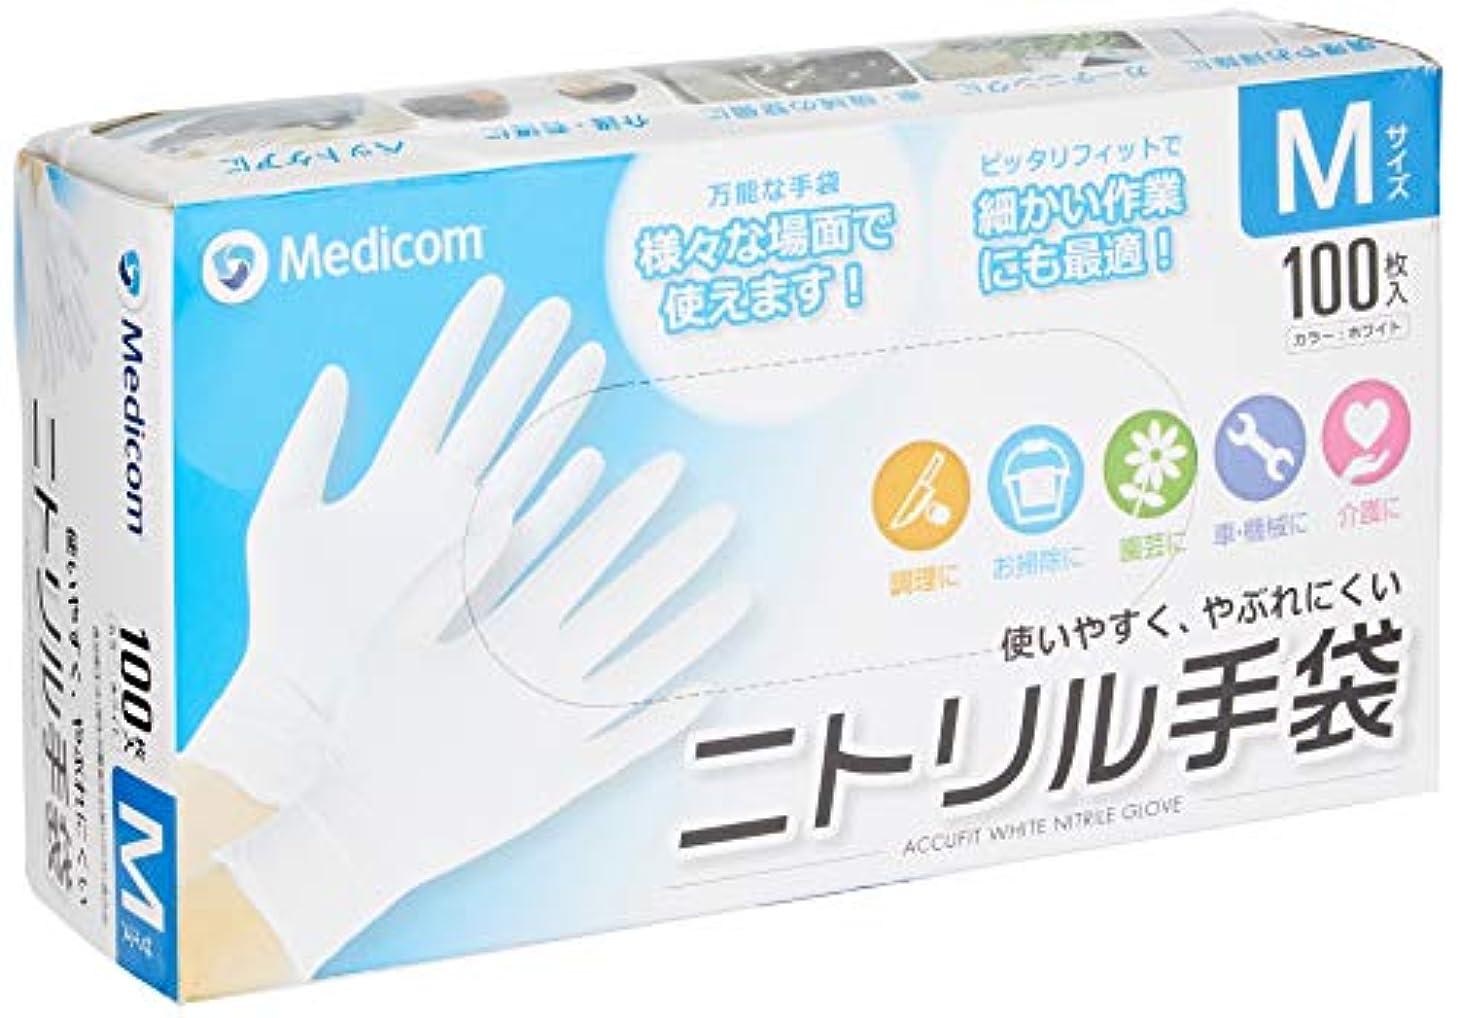 ウミウシ誰でも見えるアキュフィット ホワイト ニトリル手袋 Mサイズ ACFJN1284C